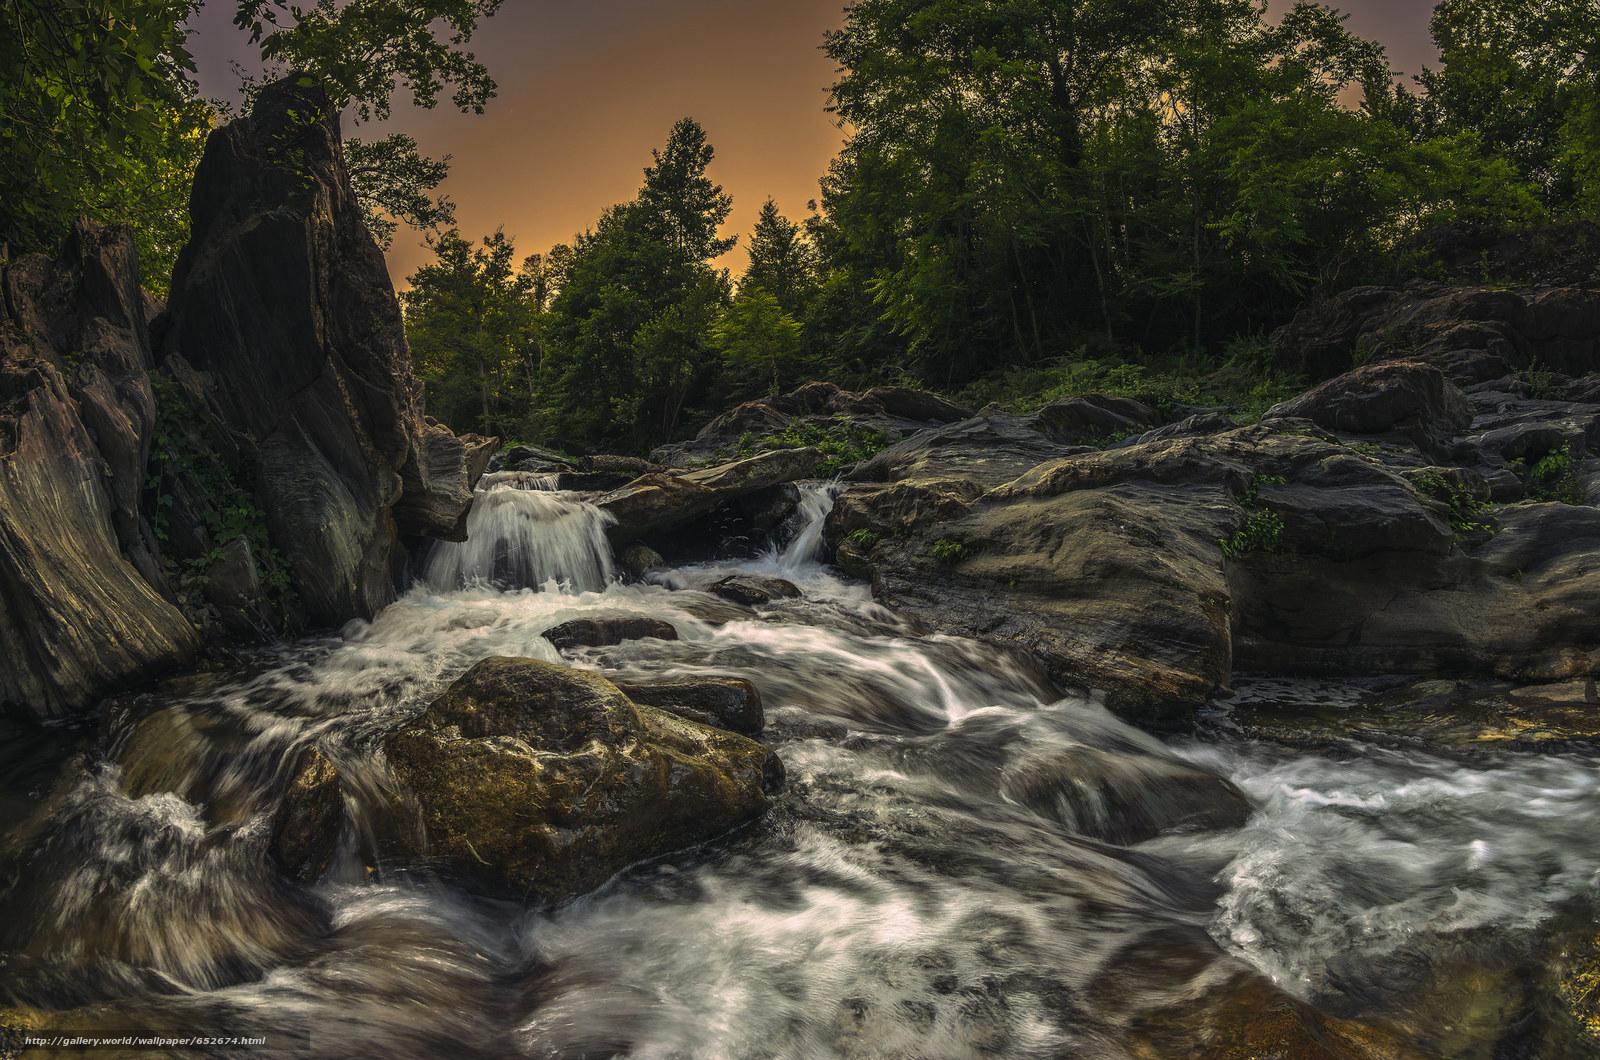 Скачать обои водопад,  речка,  камни,  деревья бесплатно для рабочего стола в разрешении 2048x1357 — картинка №652674